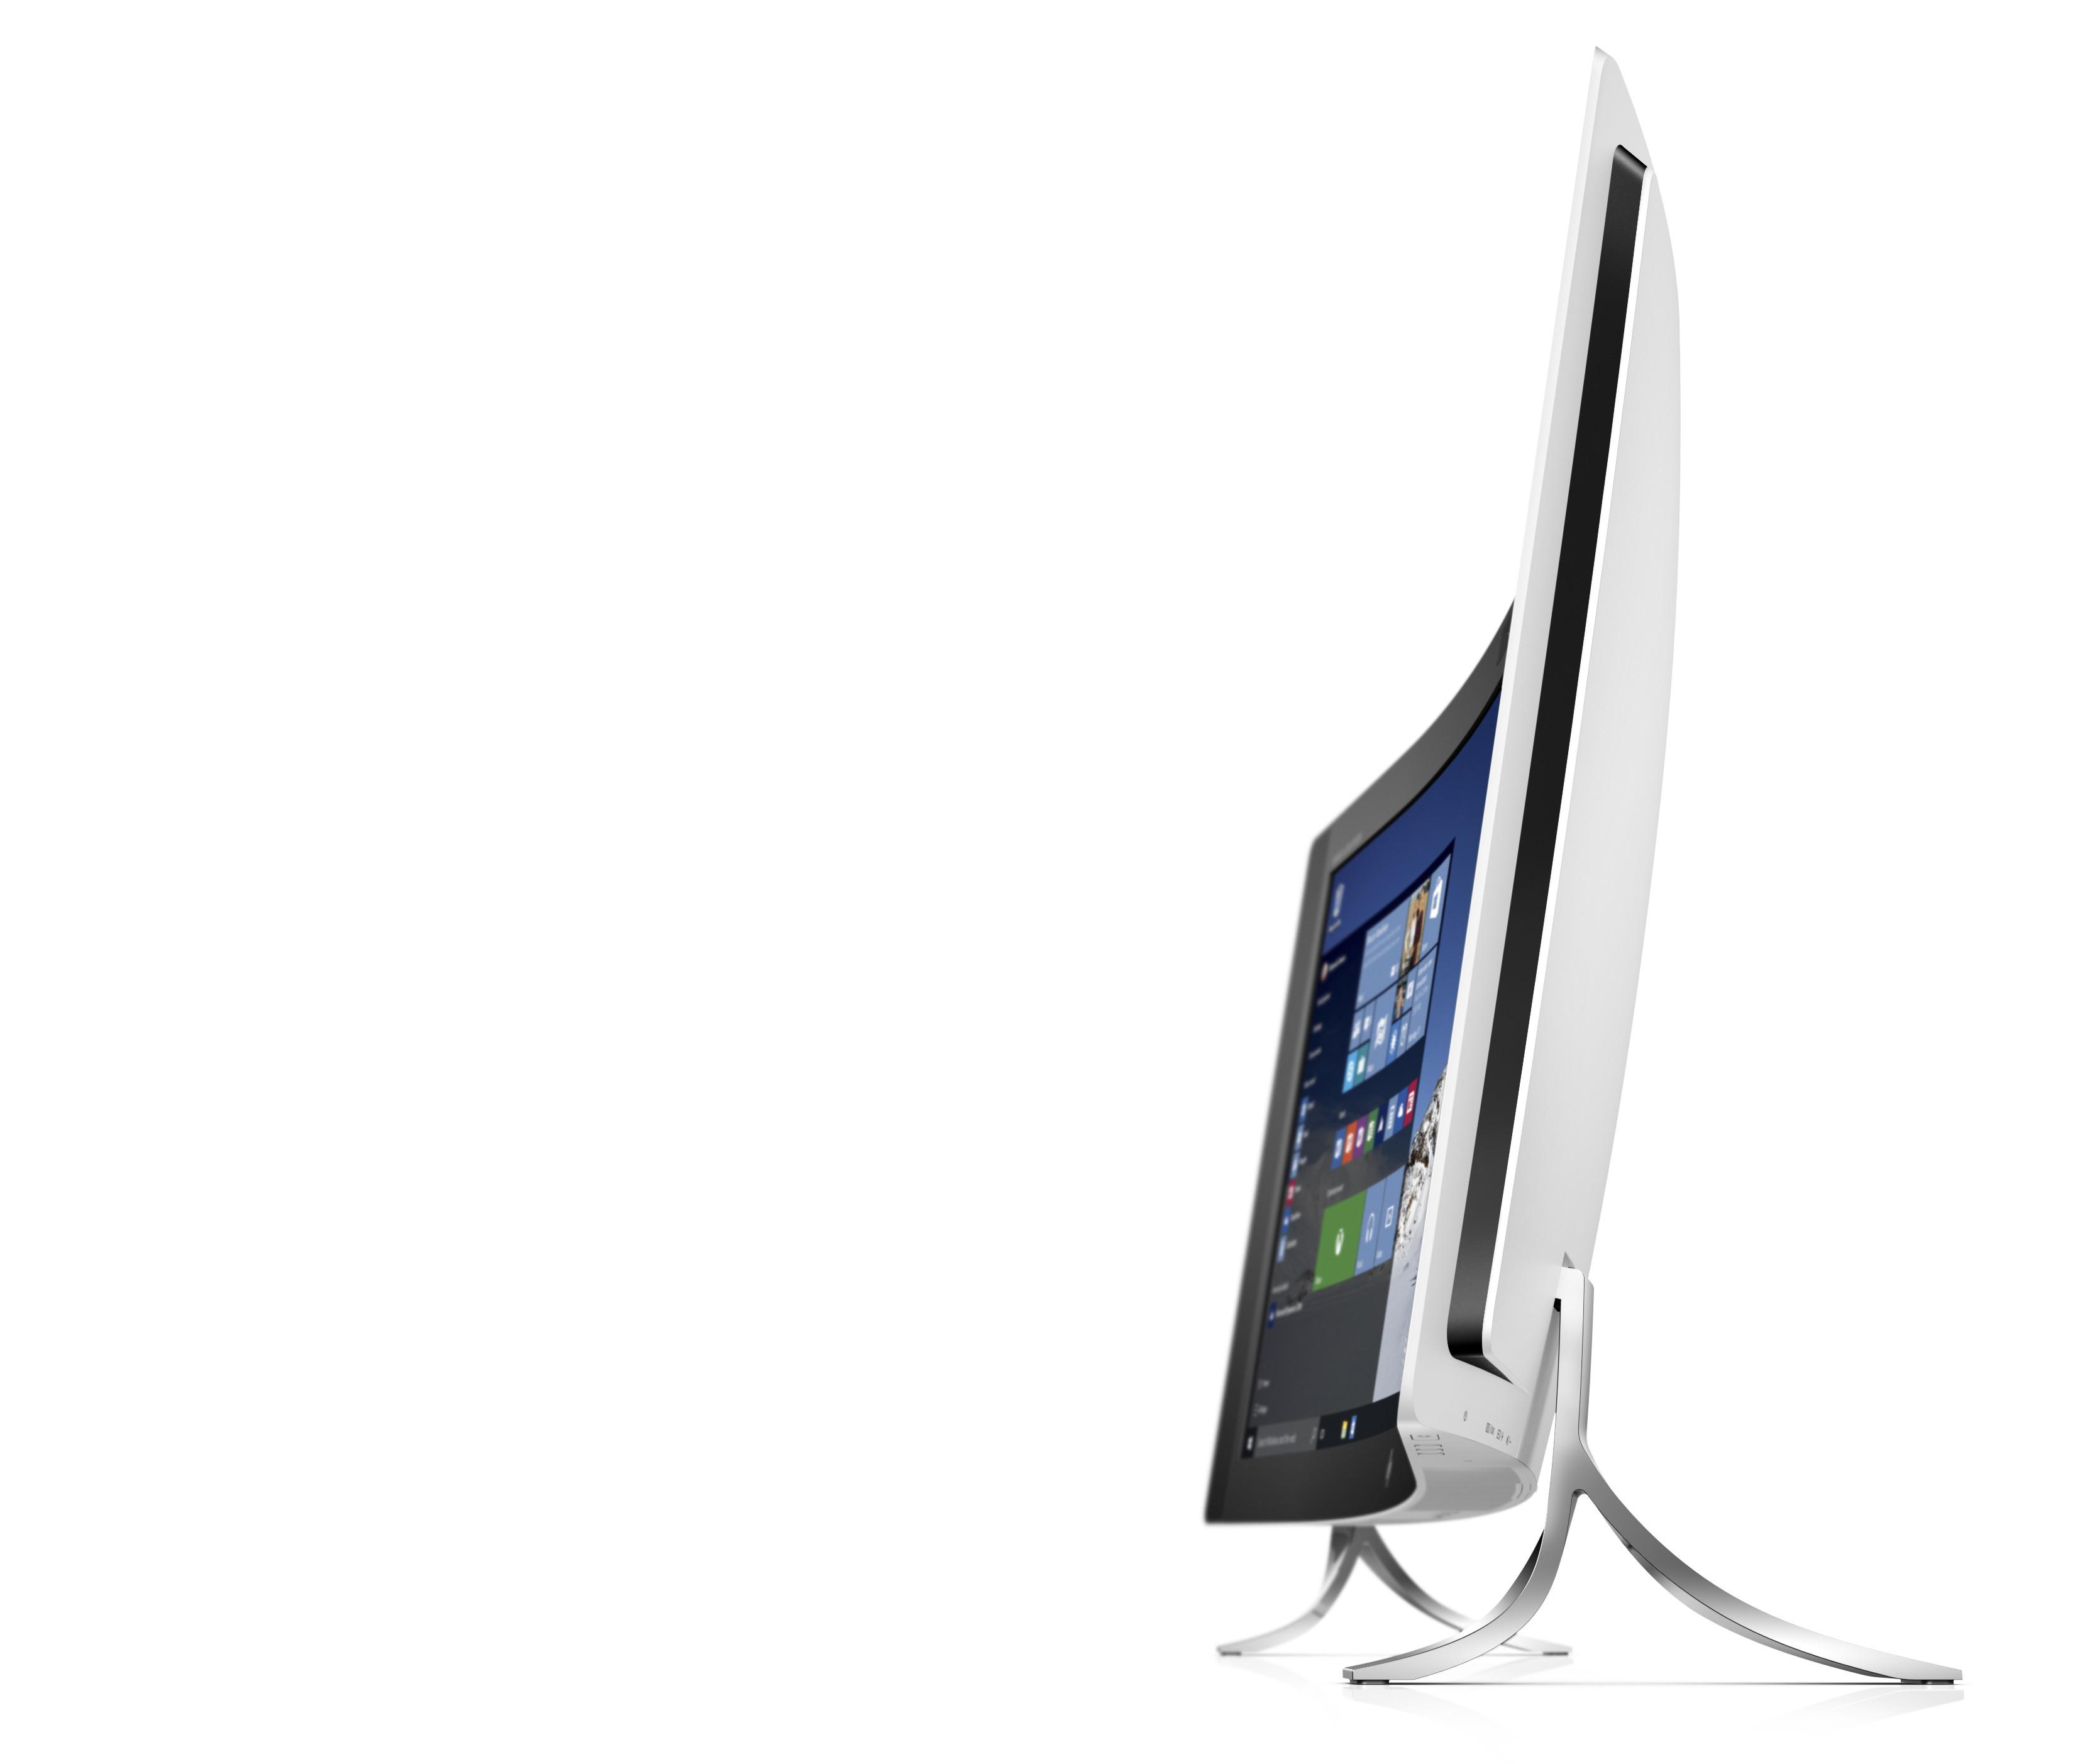 HP présente un PC tout-en-un incurvé de 34 pouces